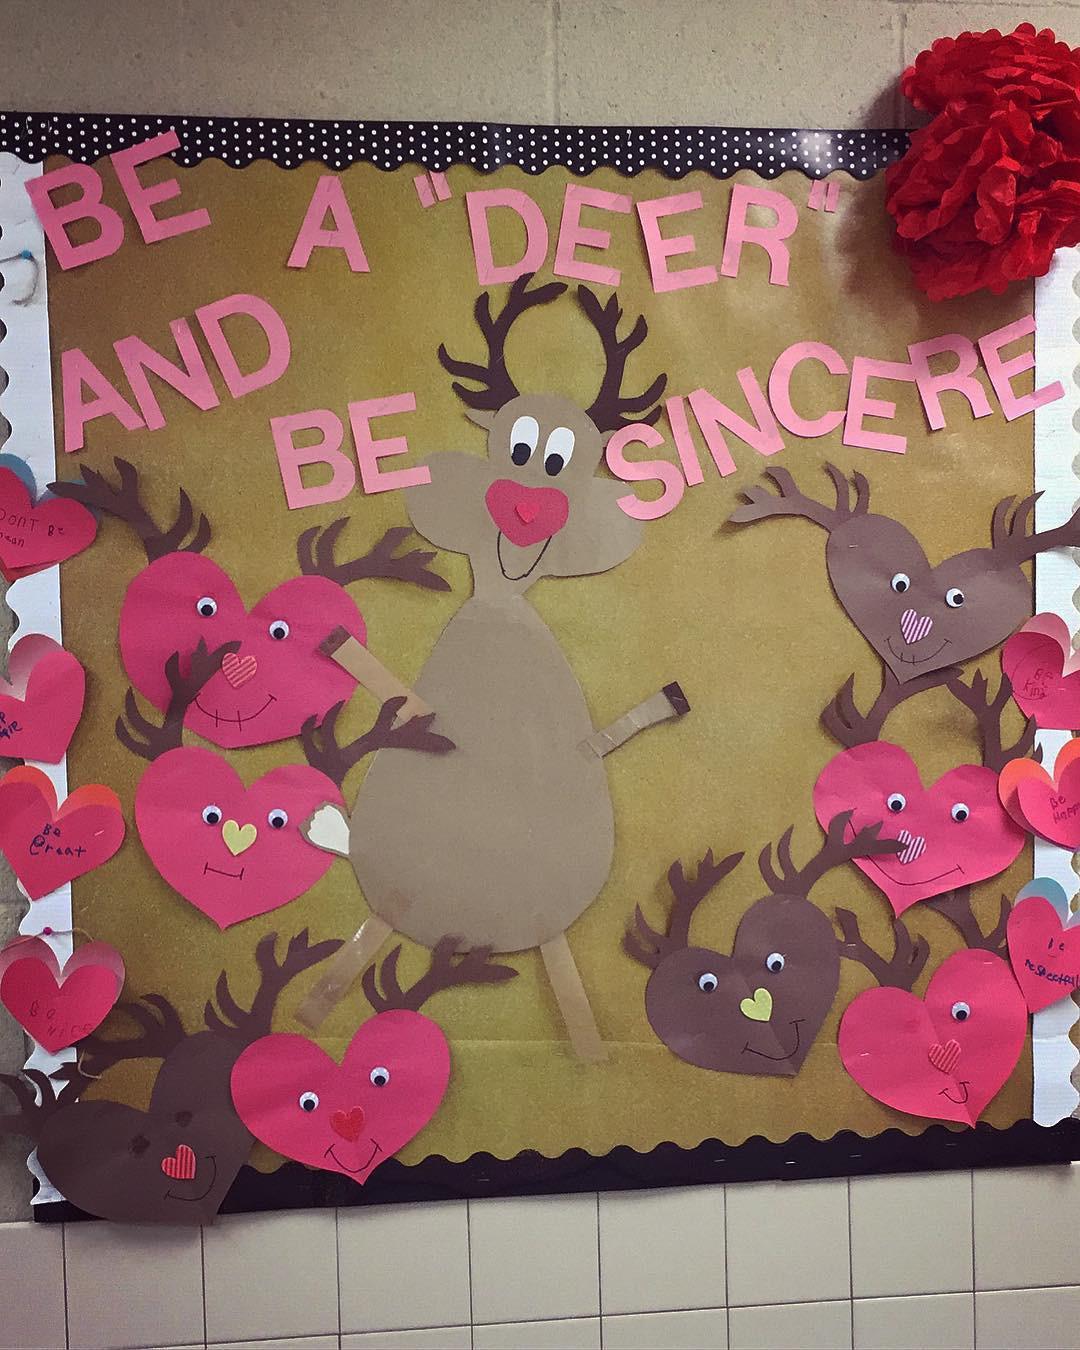 23 Valentines Day Bulletin Board Ideas,valentine's day bulletin board ideas for workplace,winter bulletin board ideas,unique bulletin board ideas